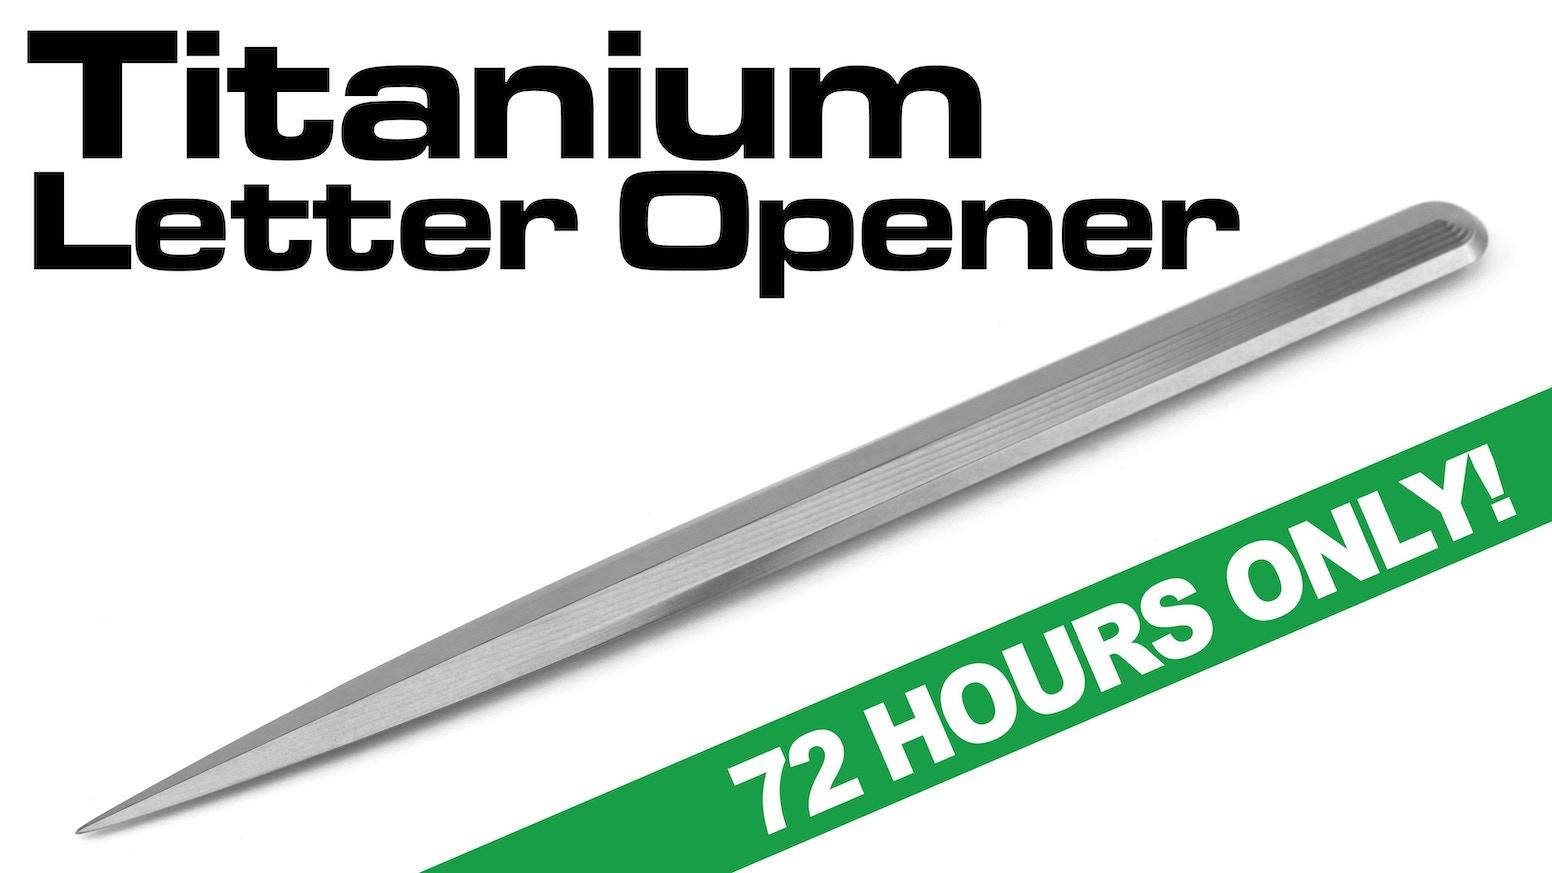 The Ultimate Titanium Letter Opener!